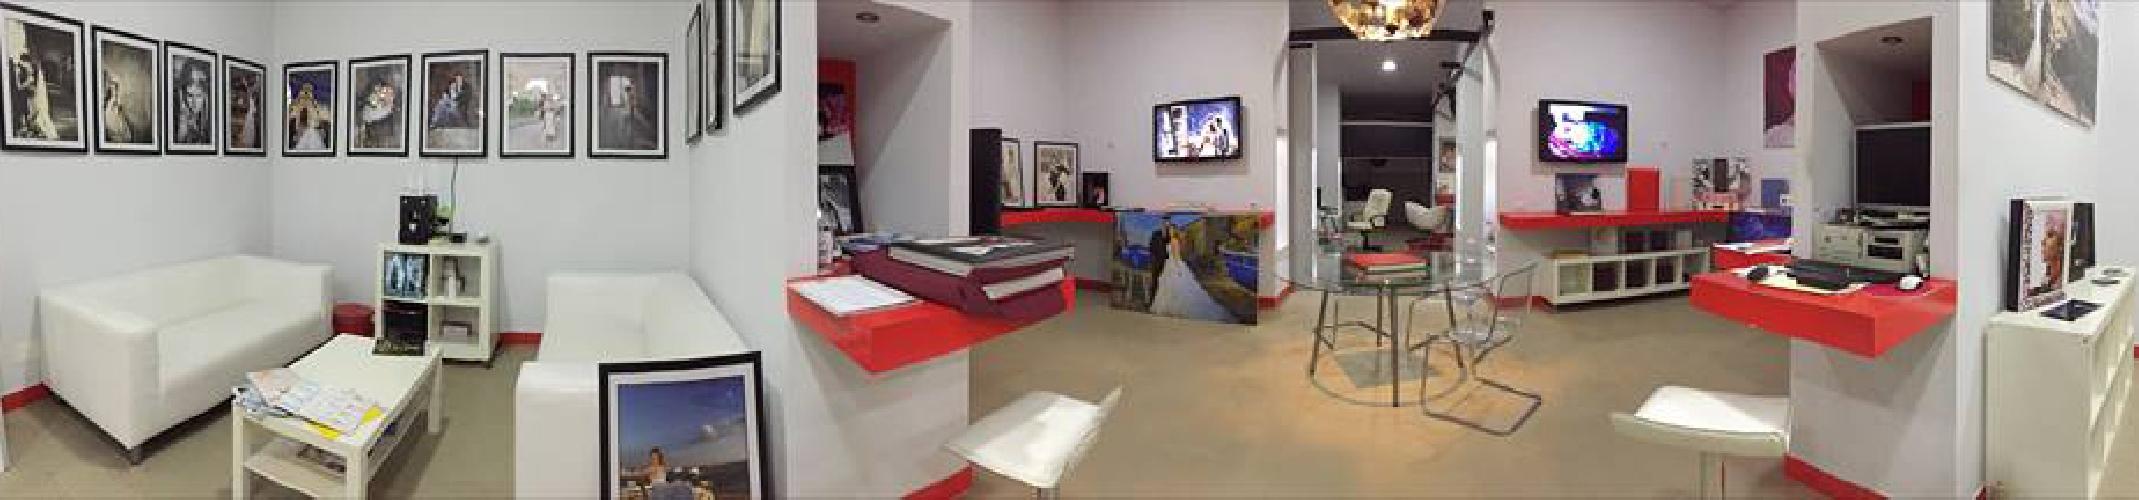 https://www.ragusanews.com//immagini_articoli/10-03-2016/studio-fotografico-offre-lavoro-500.jpg